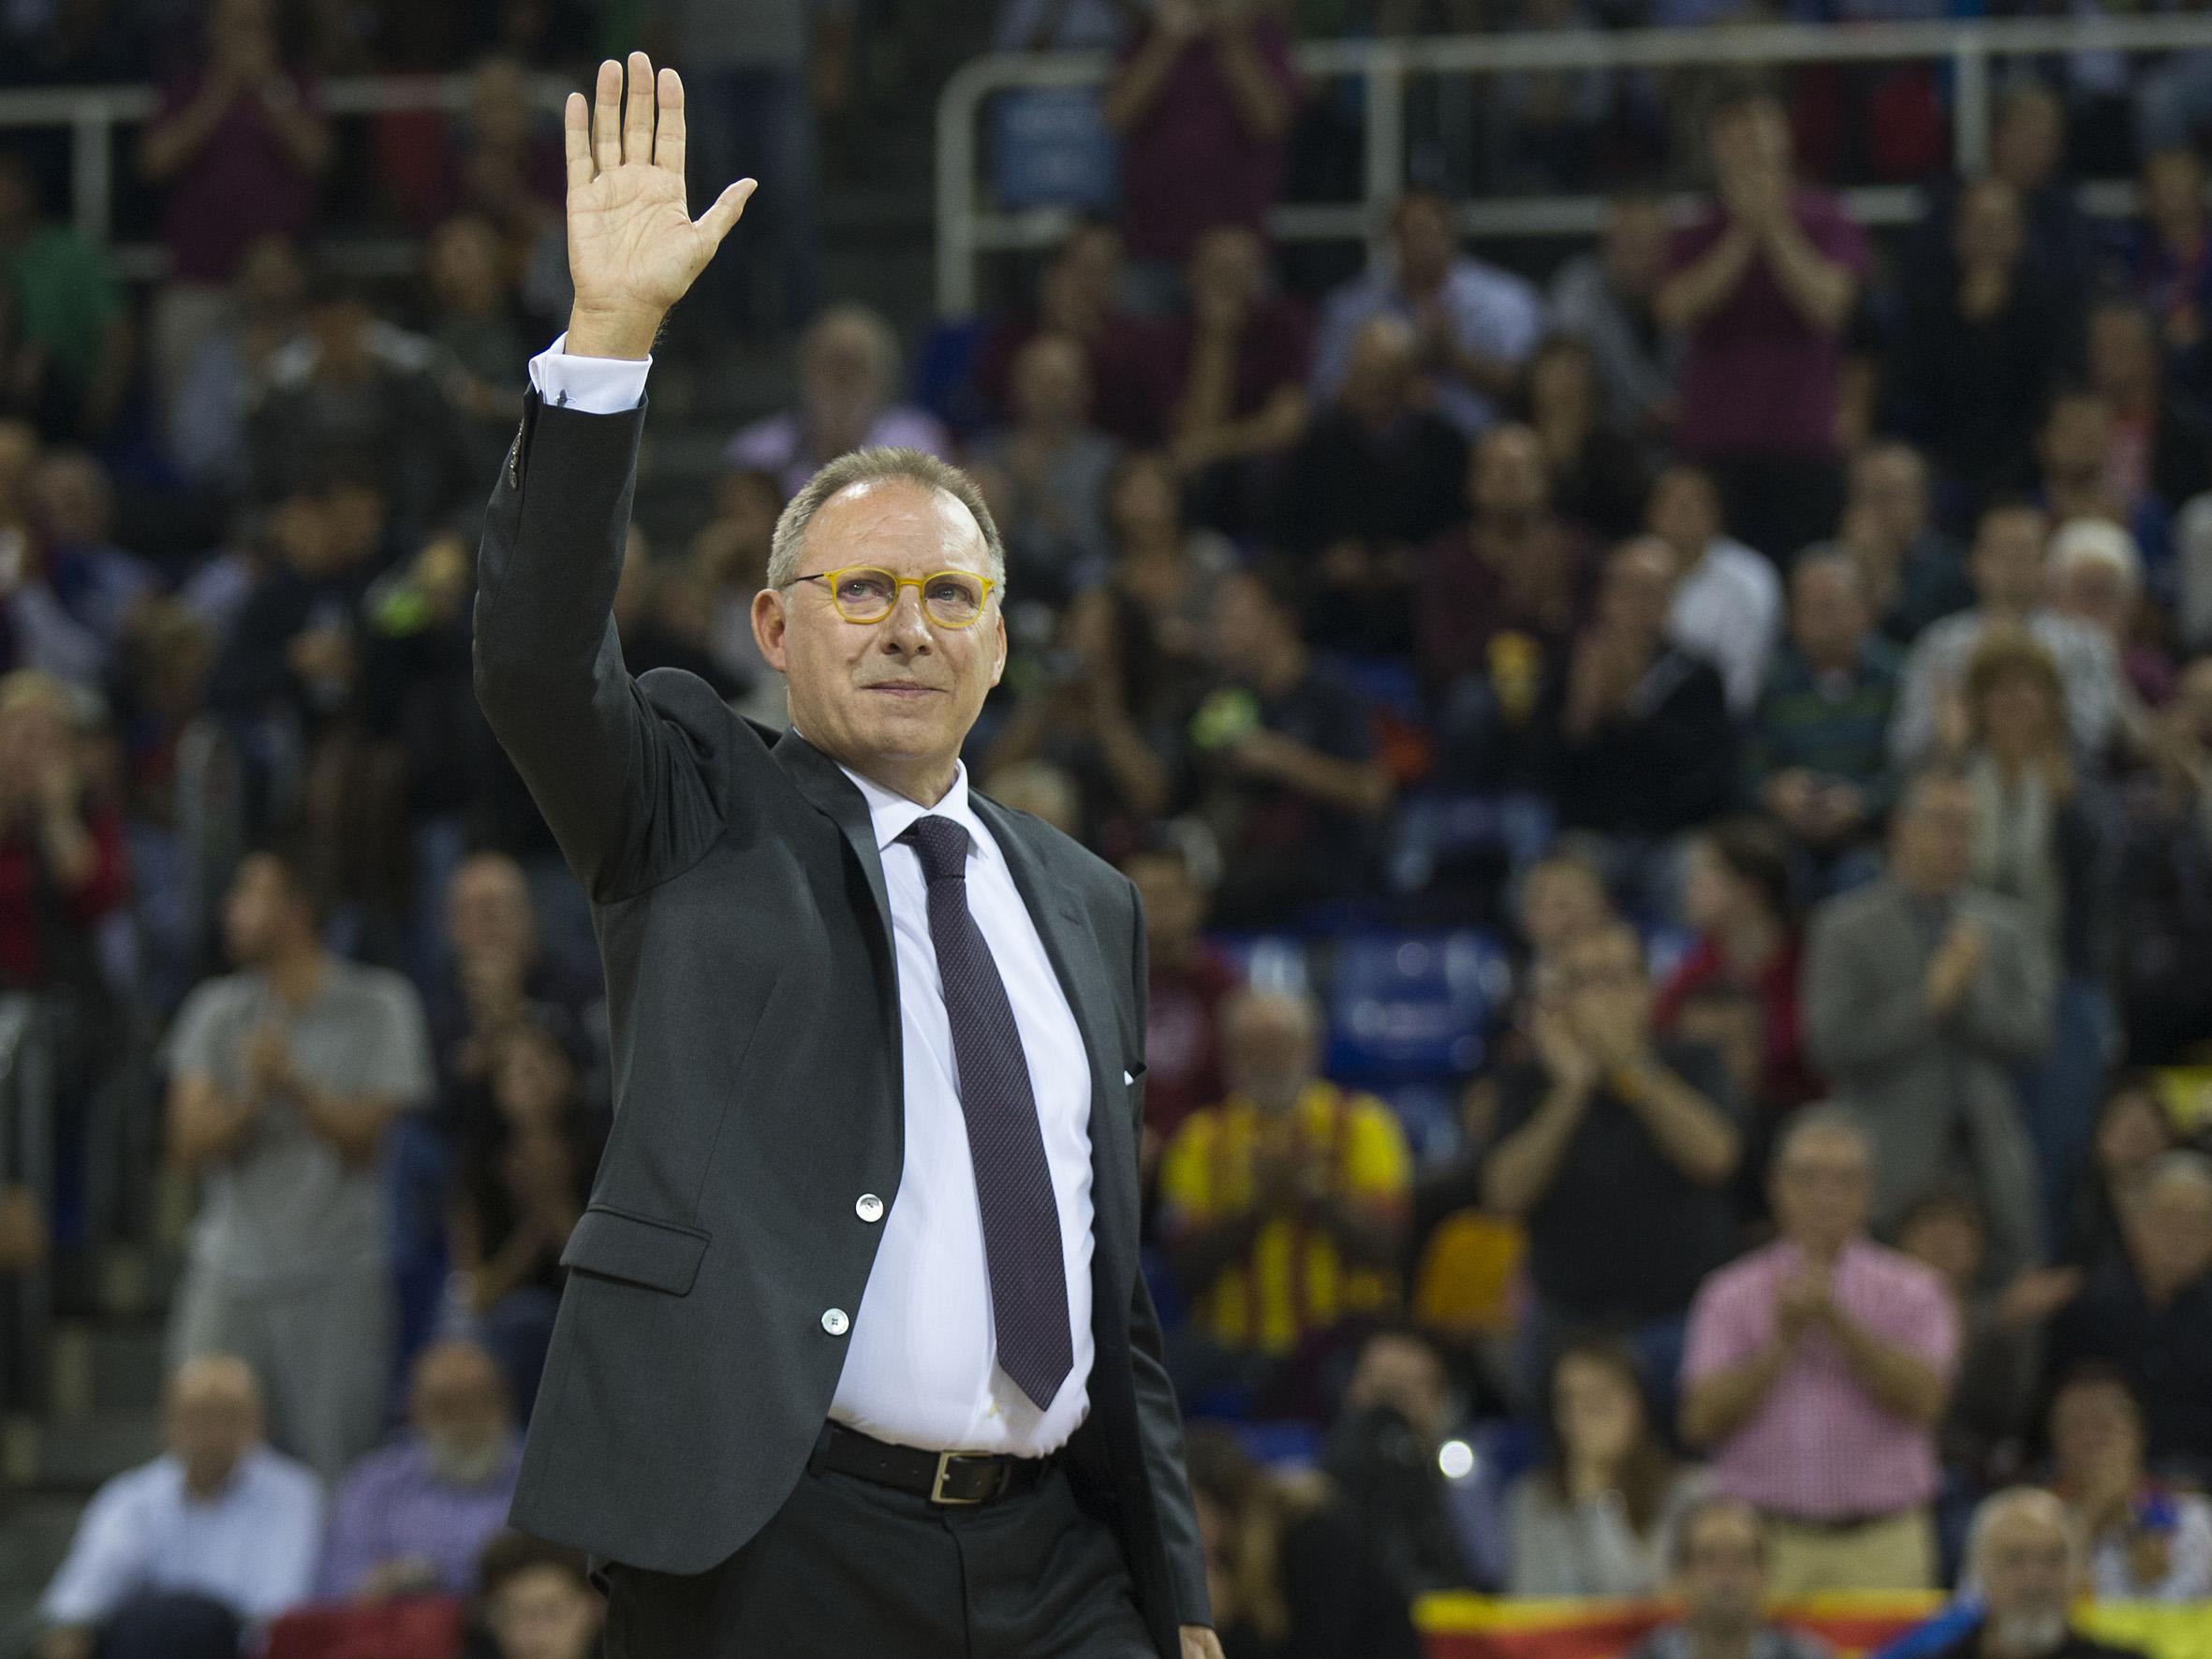 Homenatge a en Toni Bové al Palau Blaugrana 1